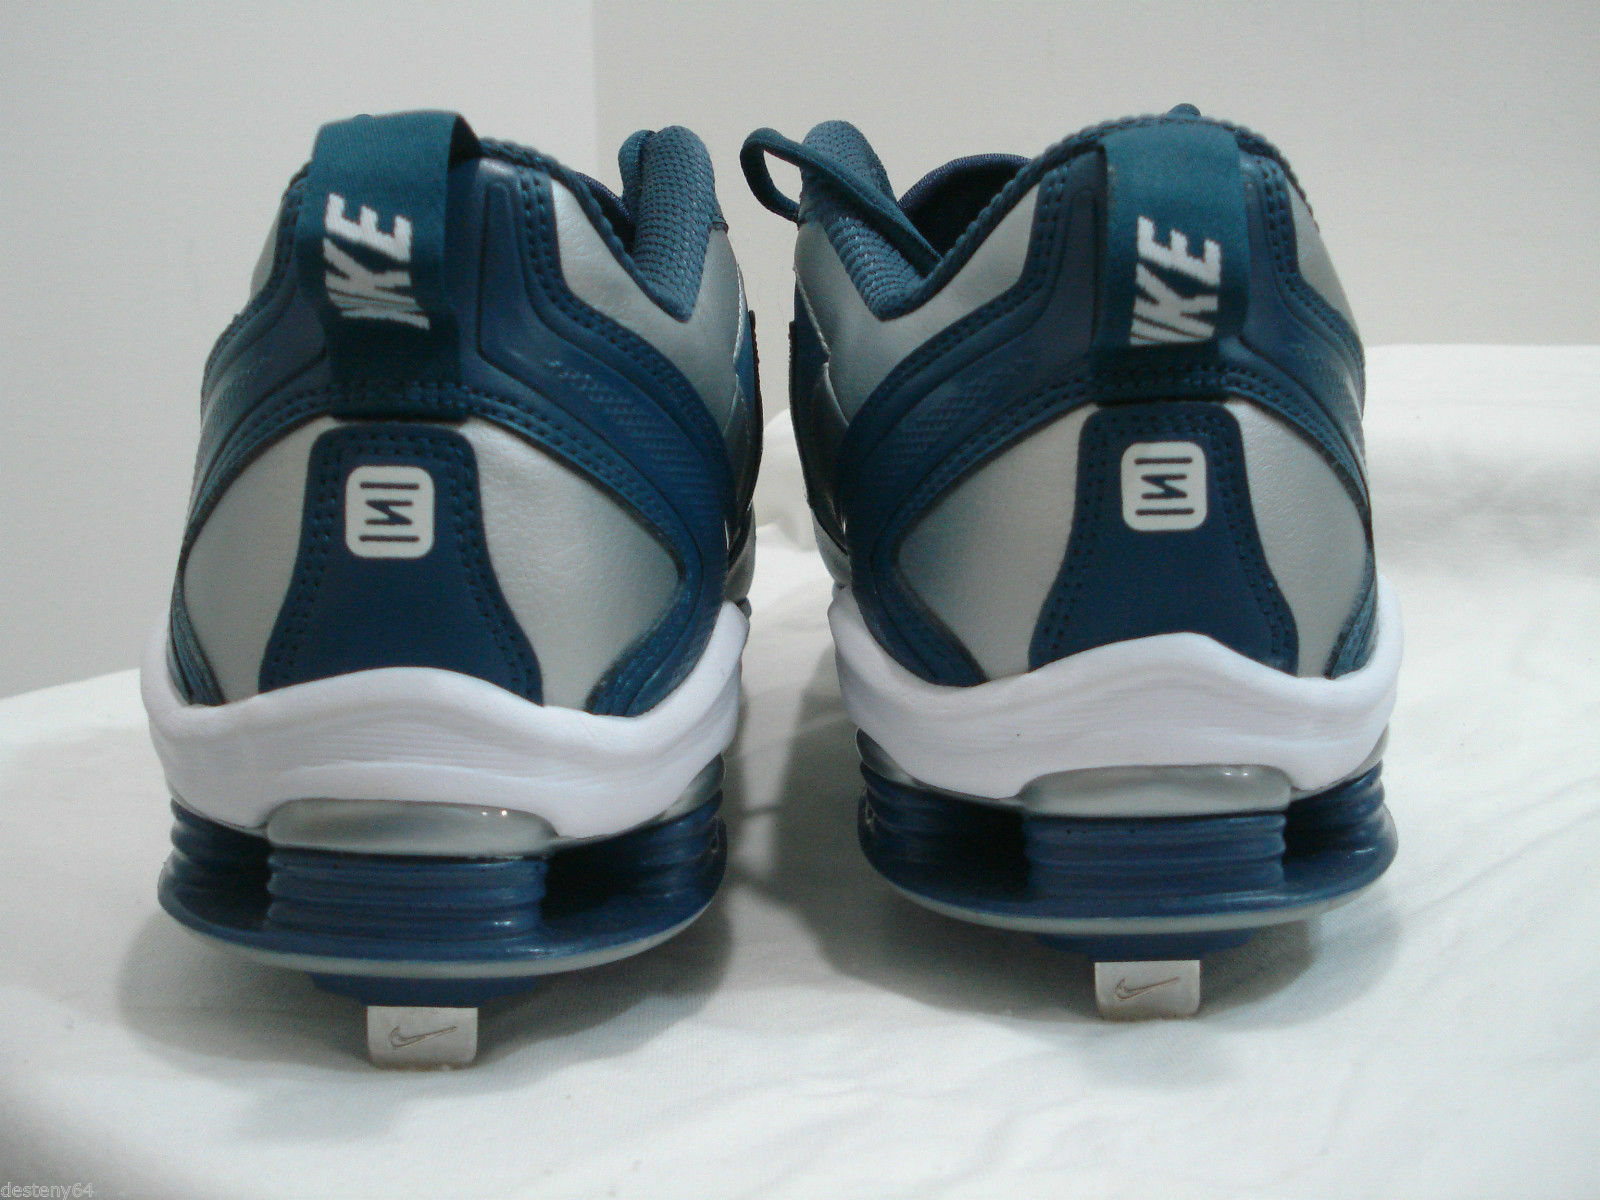 nike 375764-411 aria shox miccia 2 uomini da di metallo sono scarpe da uomini baseball picchi milioni di nuove dimensioni: 6cd8d5